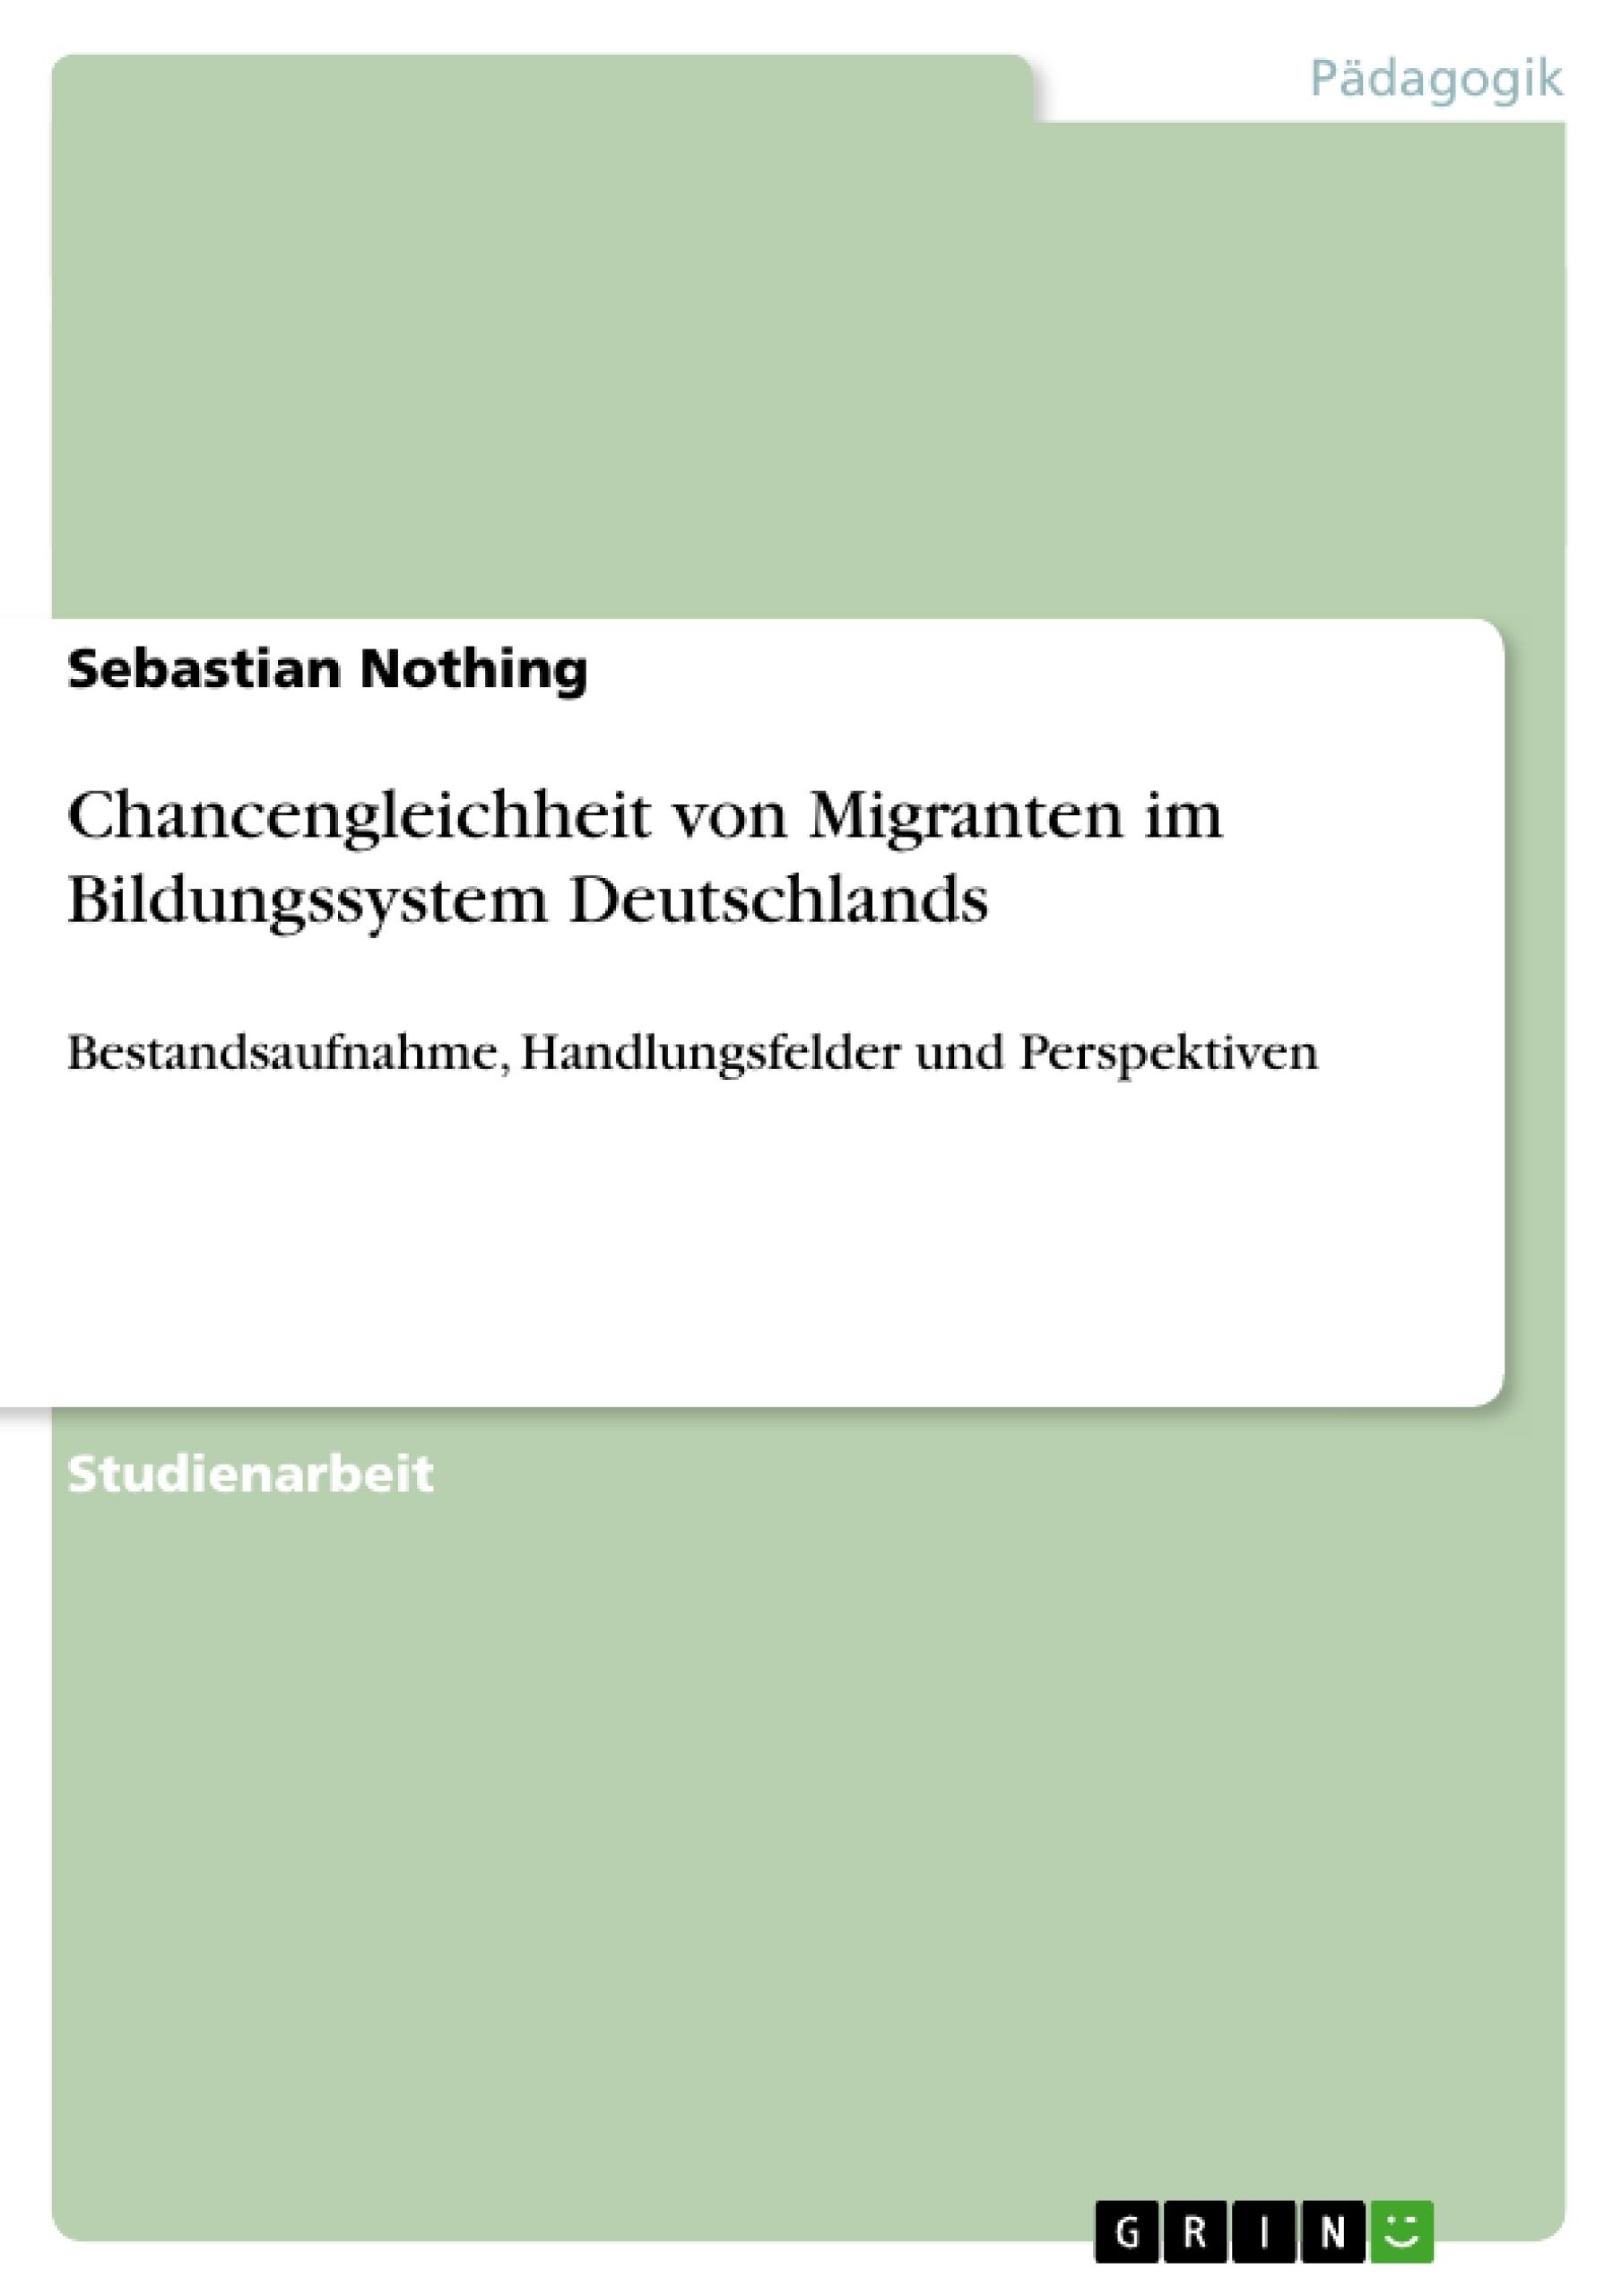 Titel: Chancengleichheit von Migranten  im Bildungssystem Deutschlands